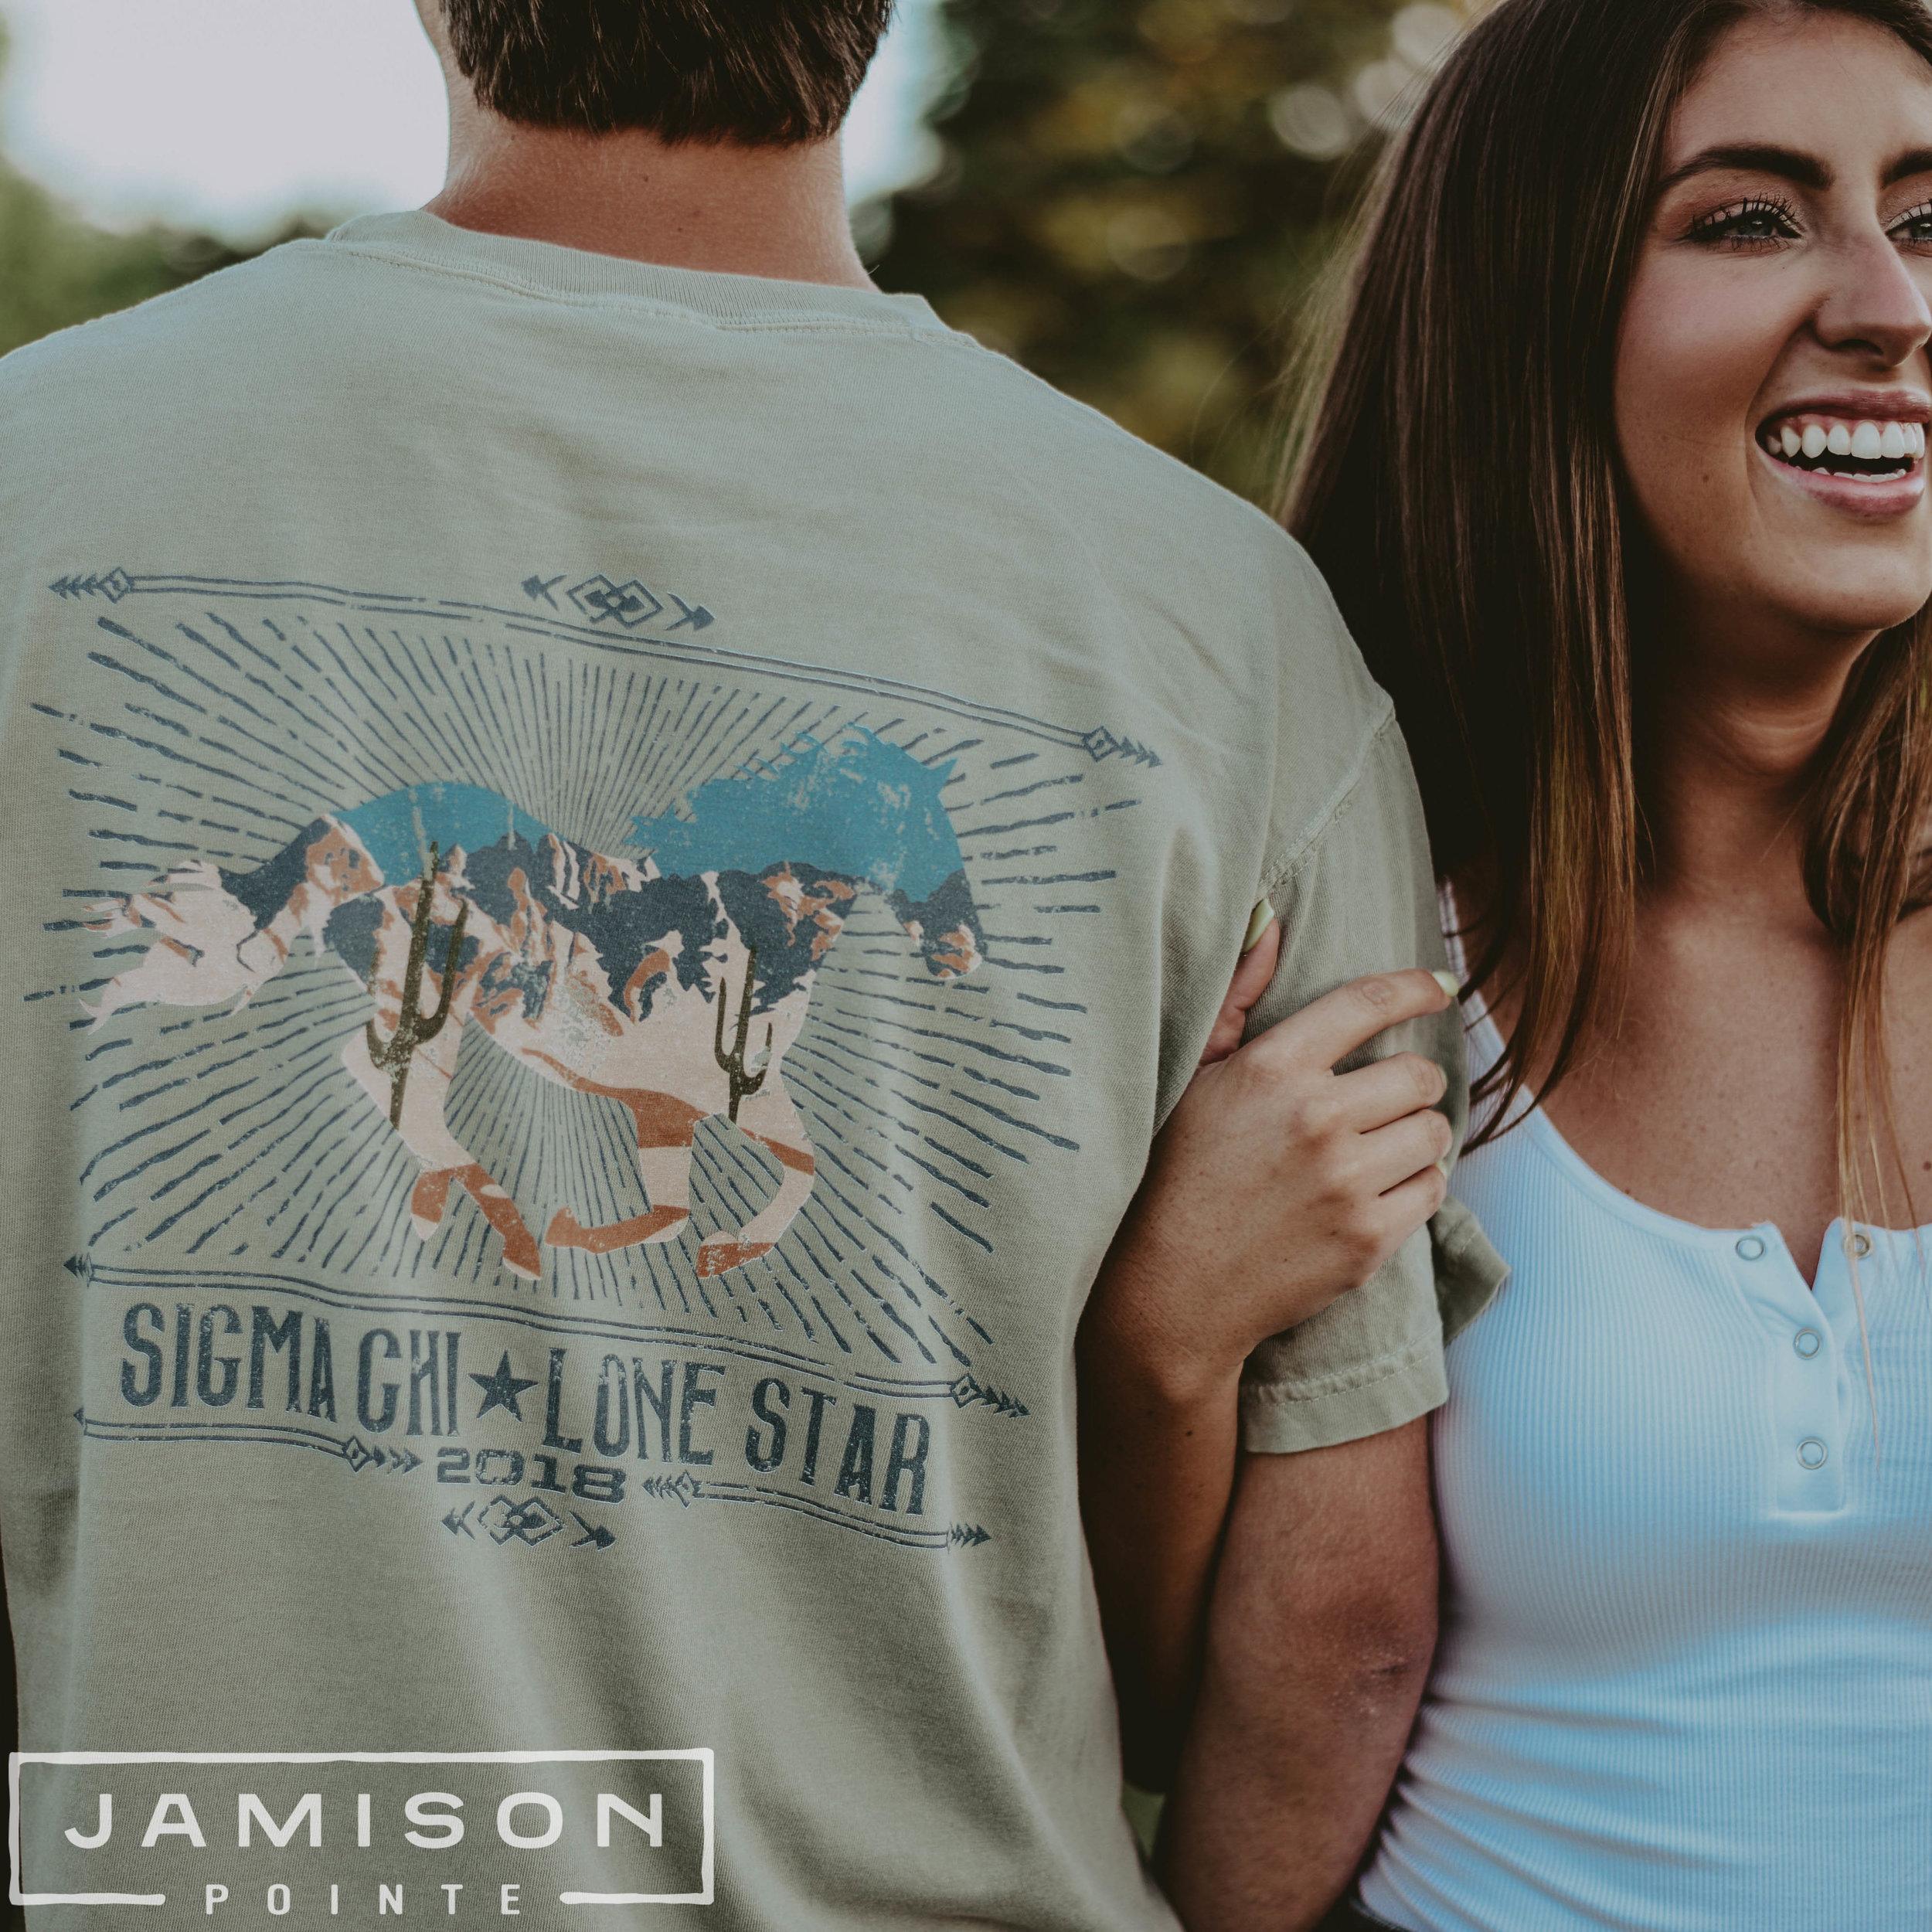 Sigma Chi Lonestar T-shirt